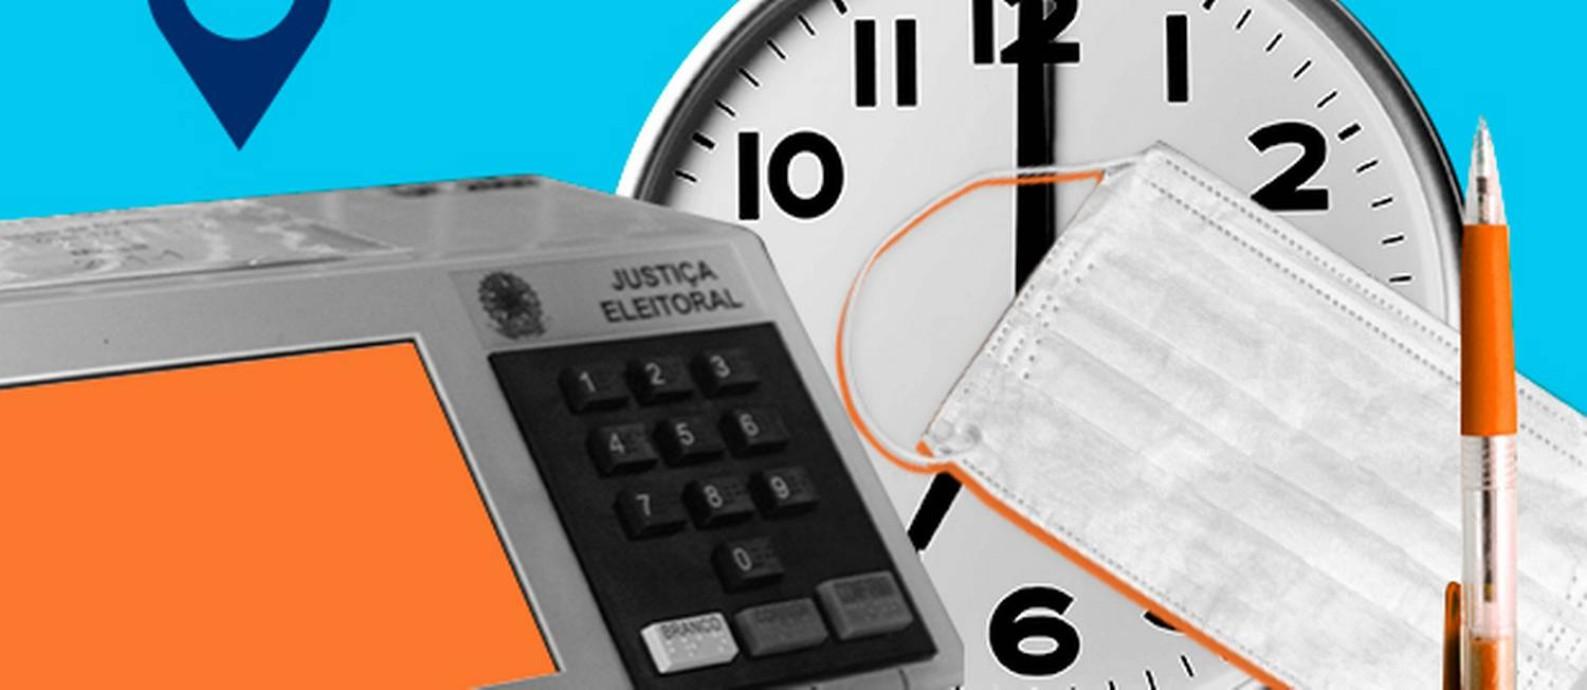 Confira o que levar, horário, local de votação e os cuidados com o coronavírus Foto: Arte/O GLOBO